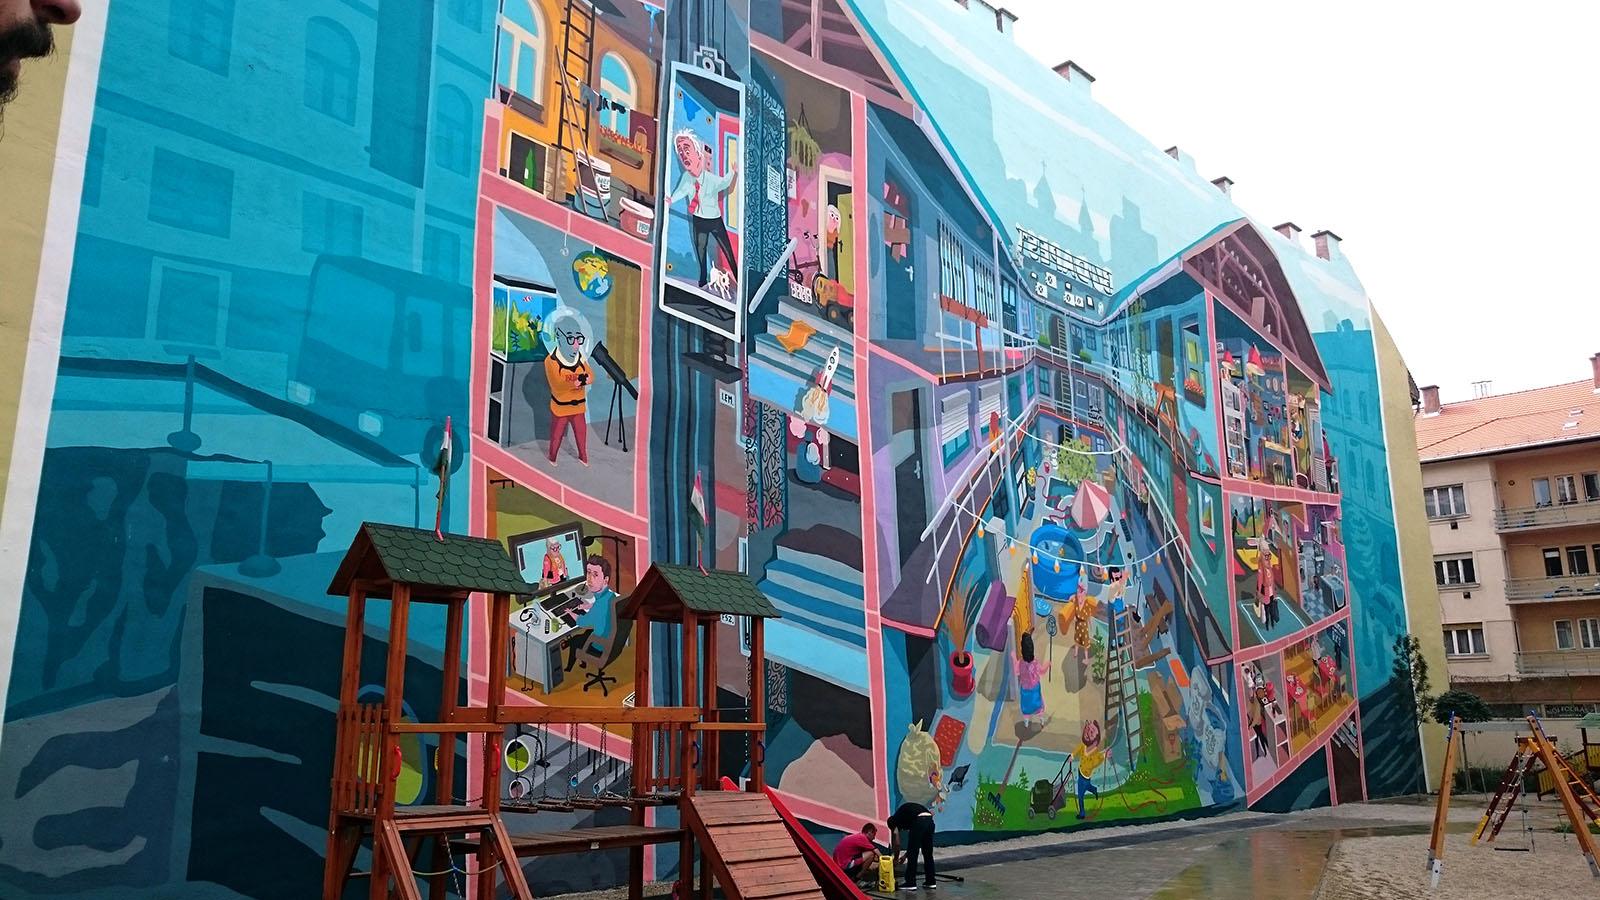 neopaint works - tűzfalfestés - falfestmény - dekorációs festés - graffiti (26)